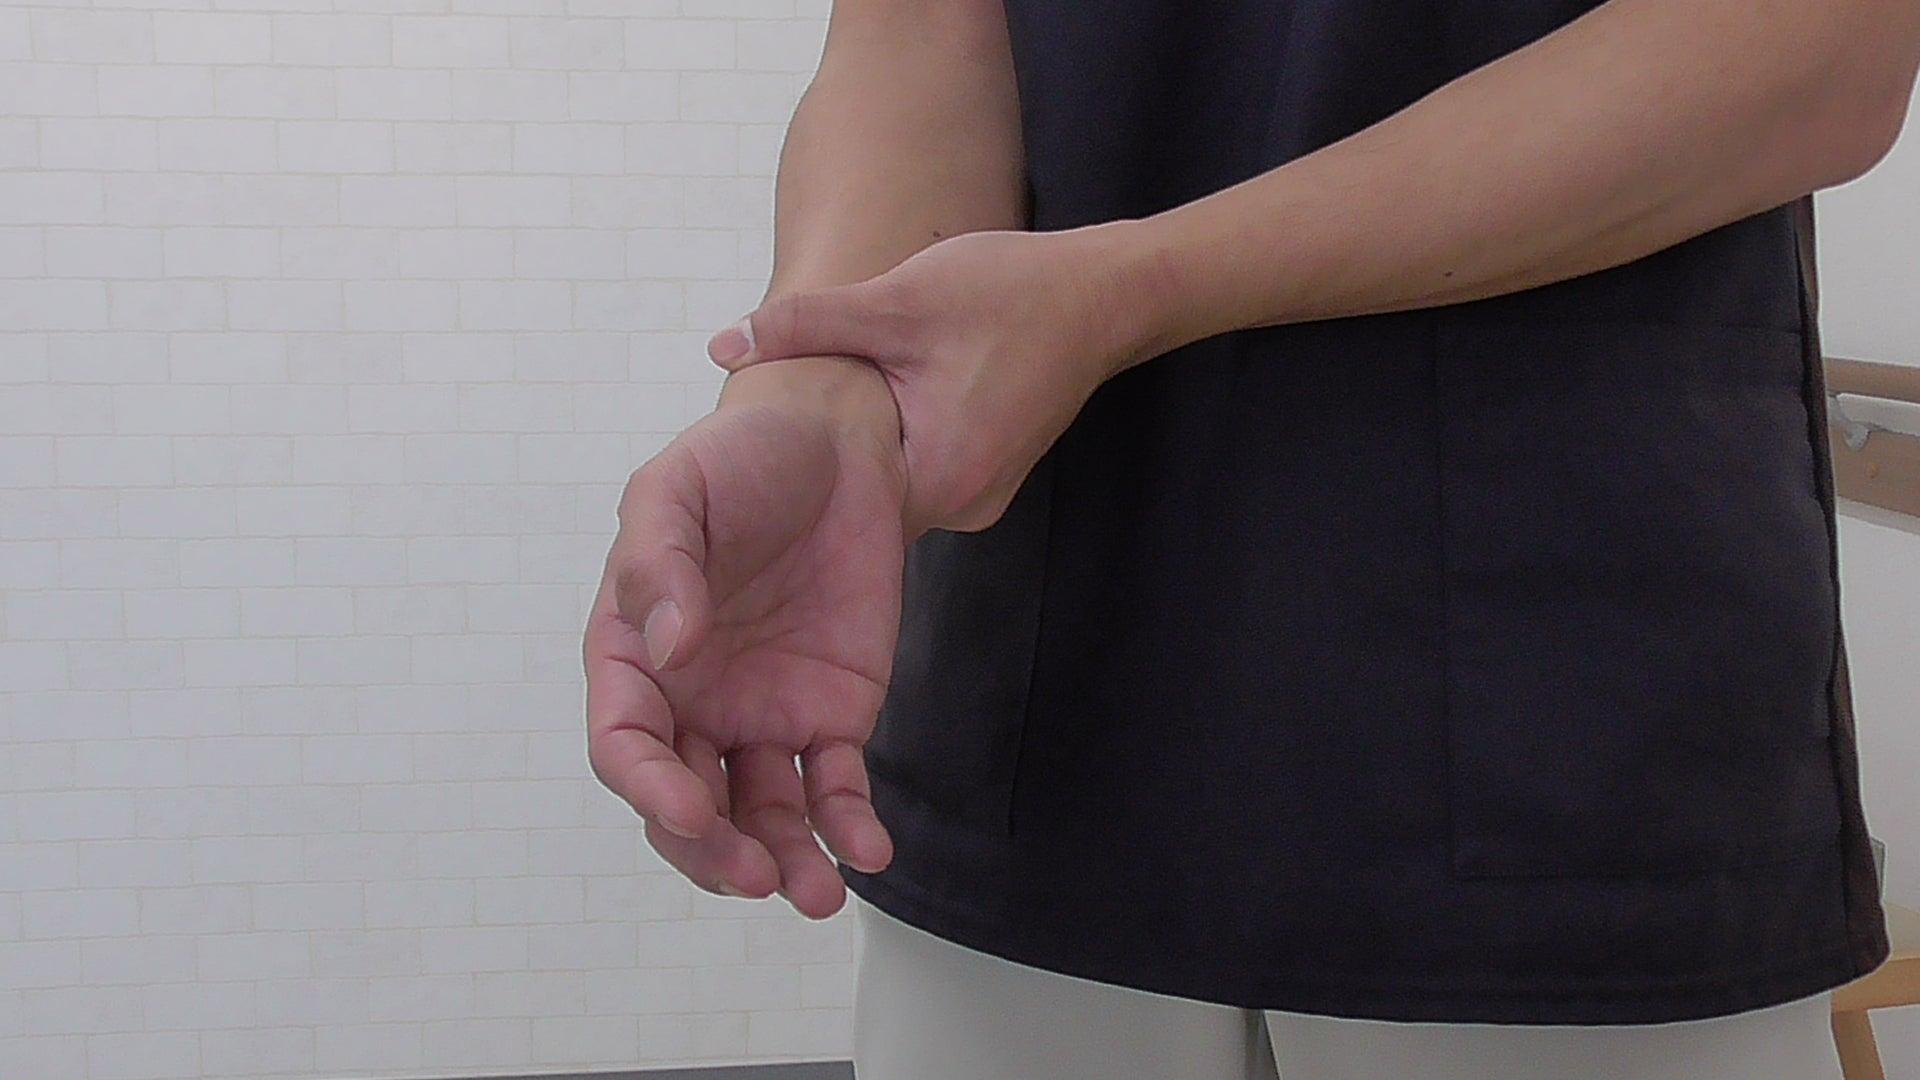 テーブルに麻痺の手を置く【麻痺のリハビリワンポイント】 | 脳梗塞の麻痺でお困りの方の改善を目指す ...